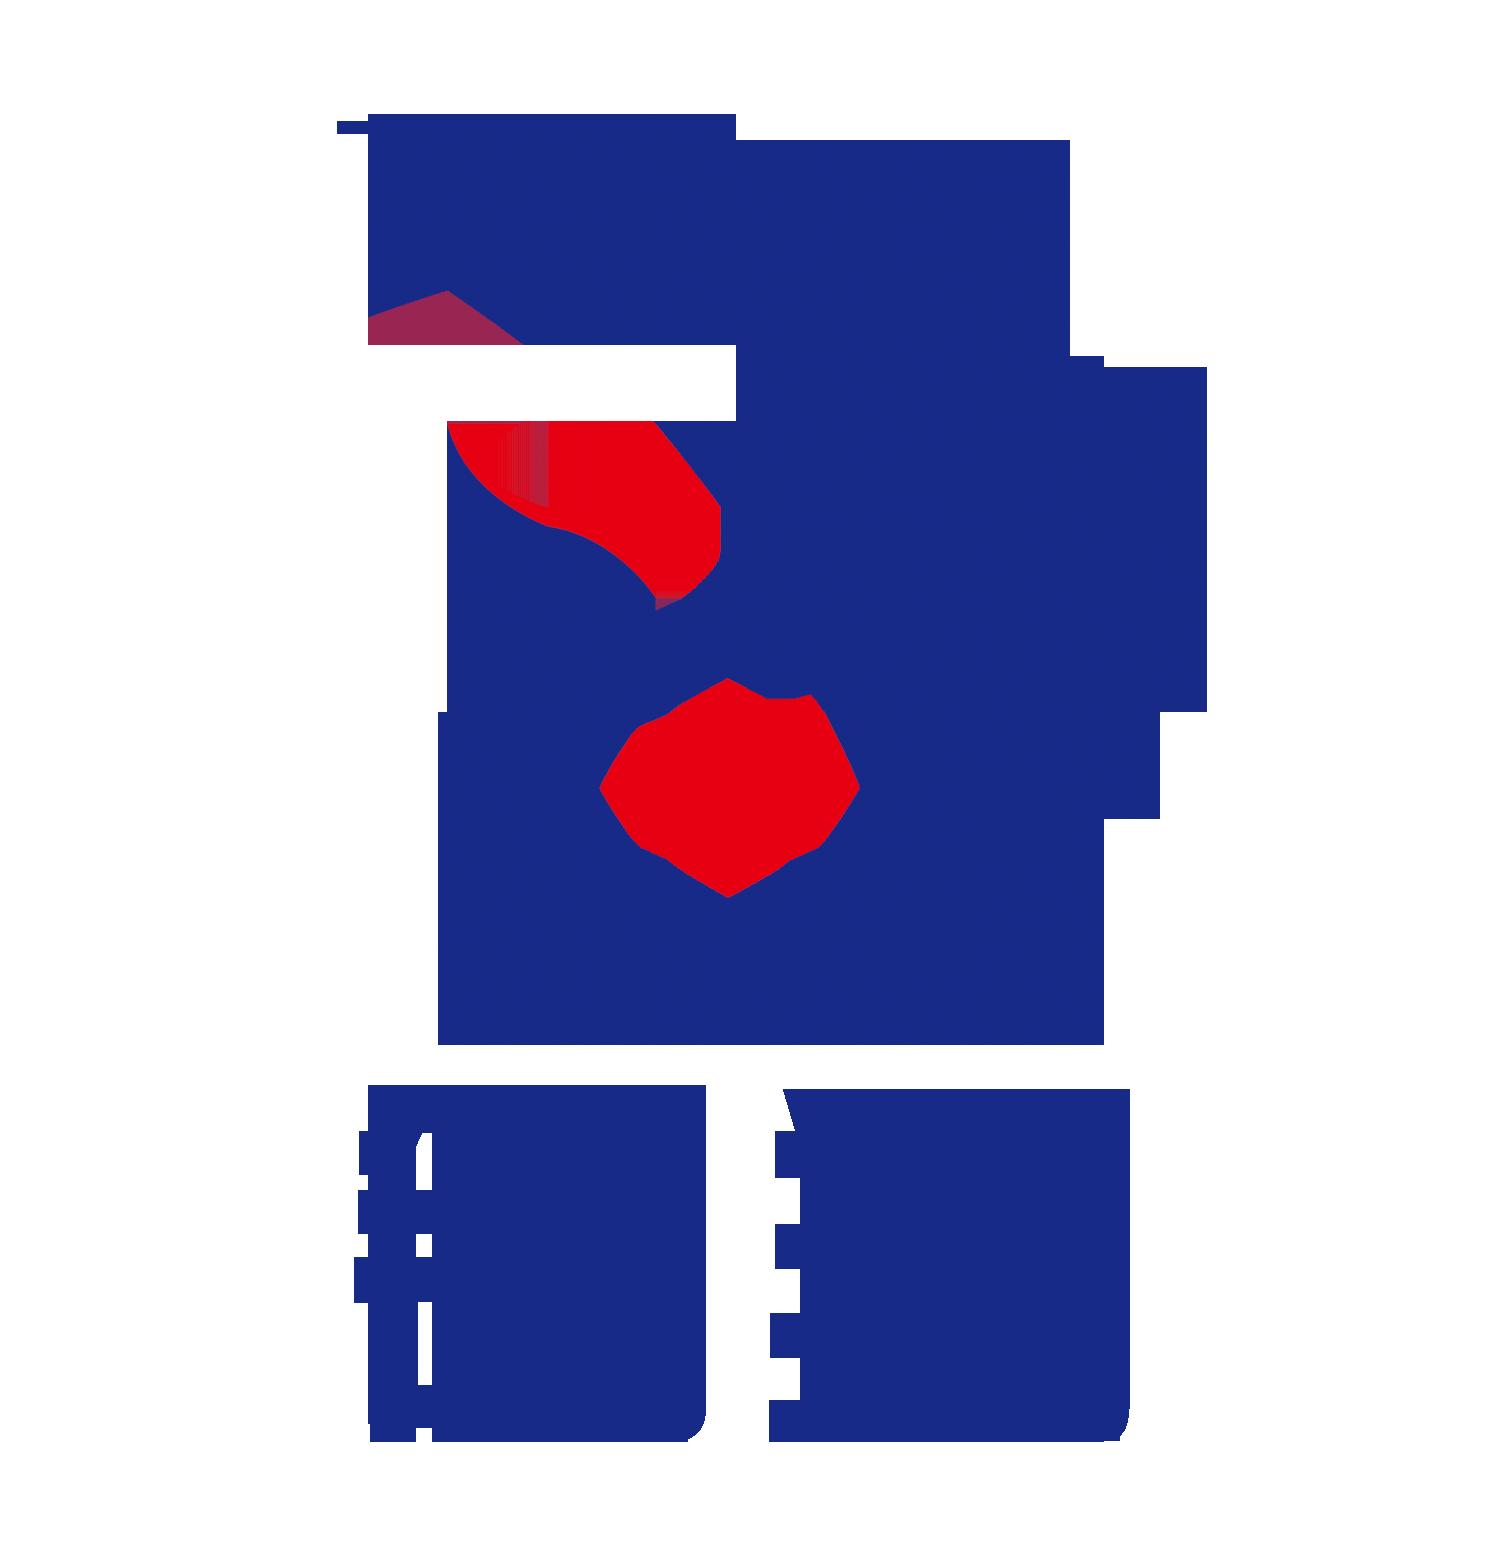 广州消防巡检控制柜-深圳翎翔设备 CCCF认证资质齐全